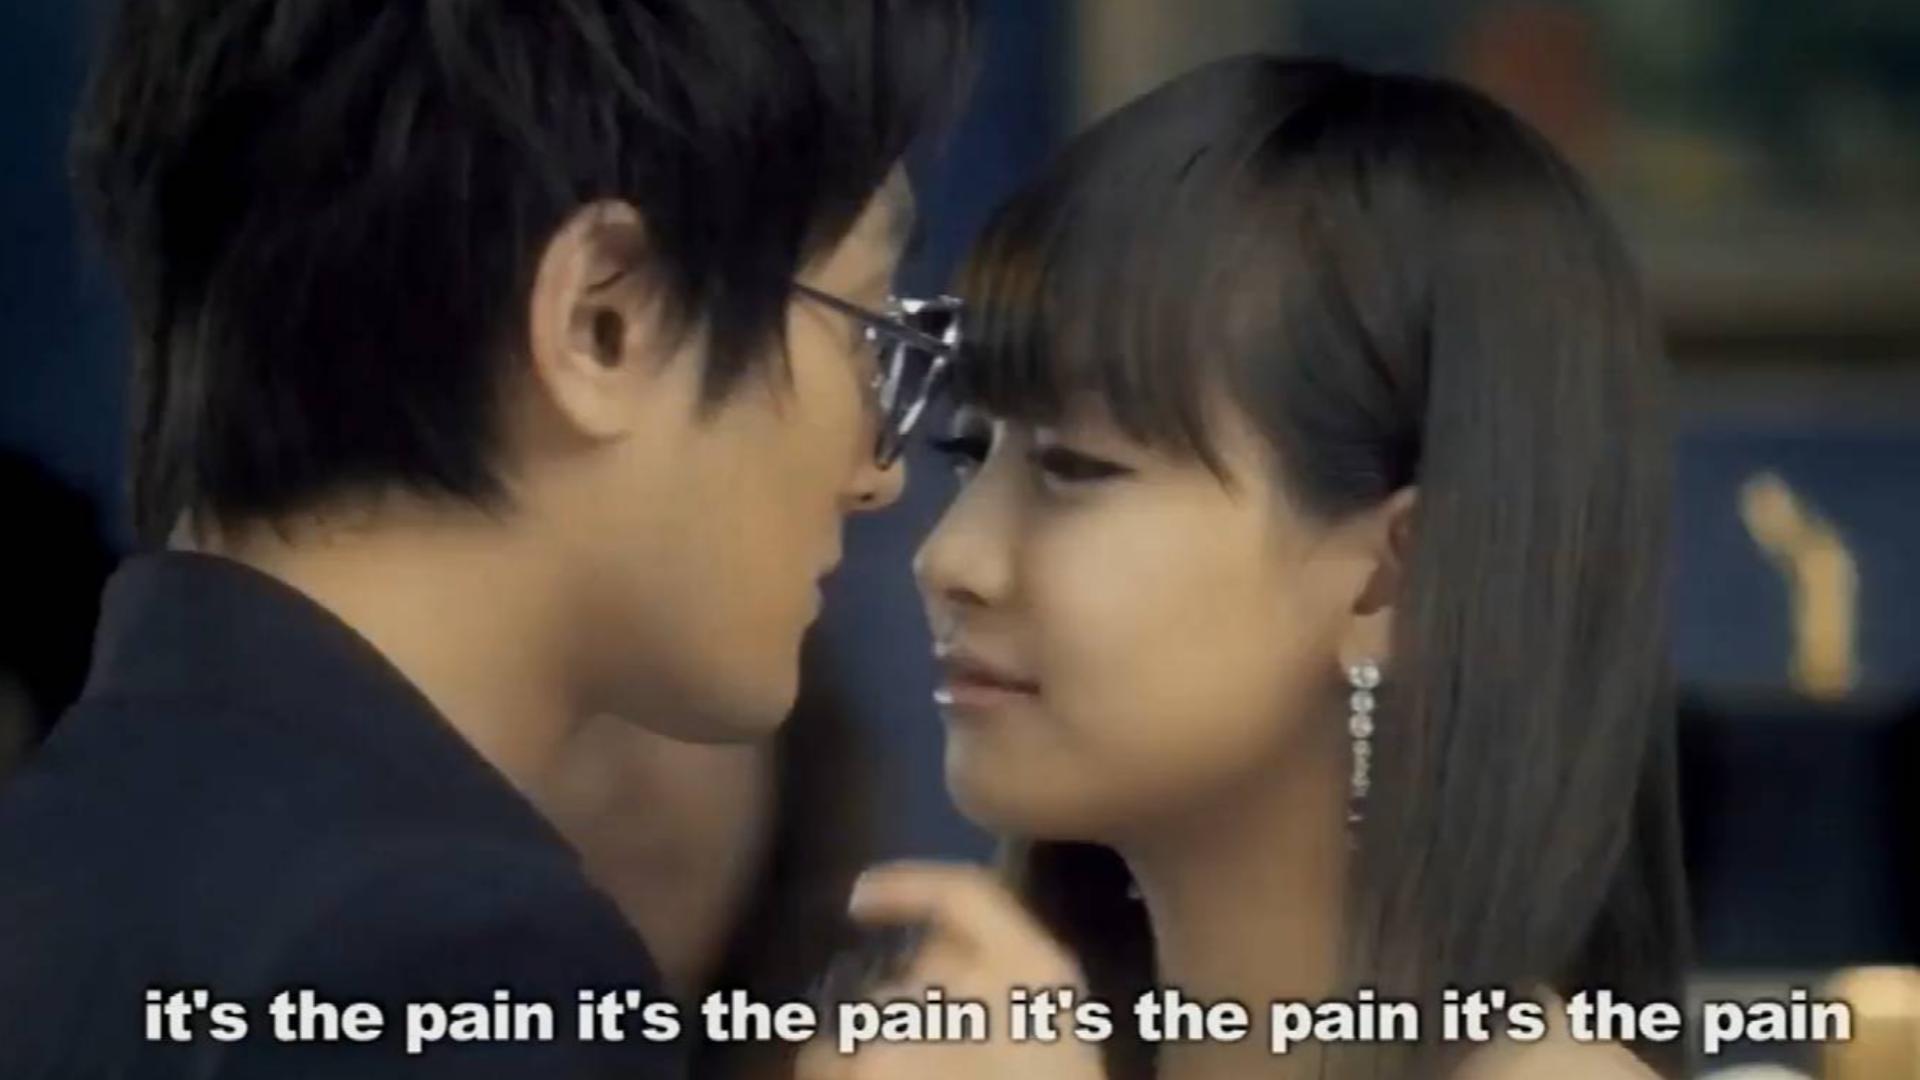 盘点我宋茜最嫩的时候的MV,大部分早年韩国拍摄